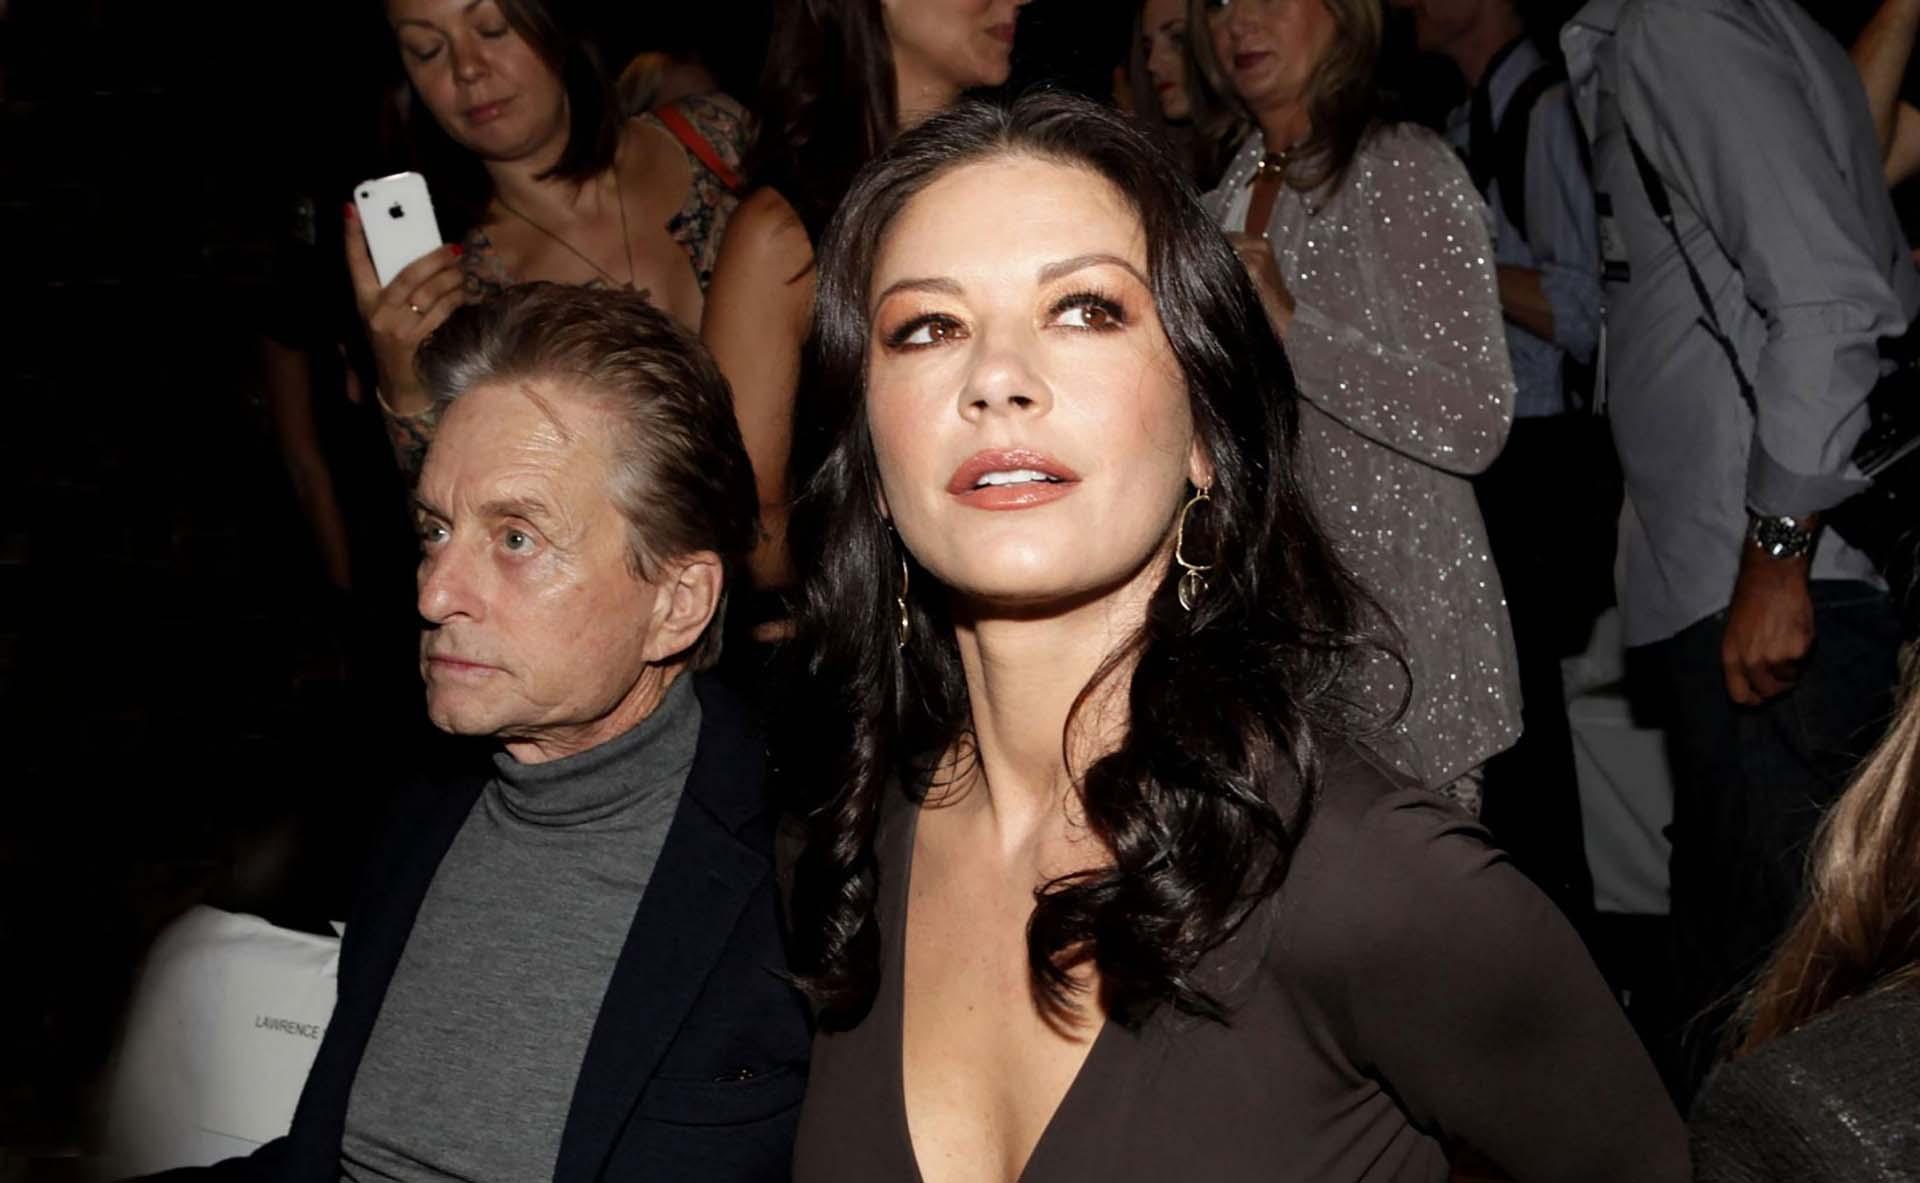 Michael Douglasy Catherine Zeta-Jonesen un desfile de Michael Korsen la primavera de 2012: juntos siempre fueron una de las parejas más glamorosas de Hollywood (Amy Sussman/Invision/AP)